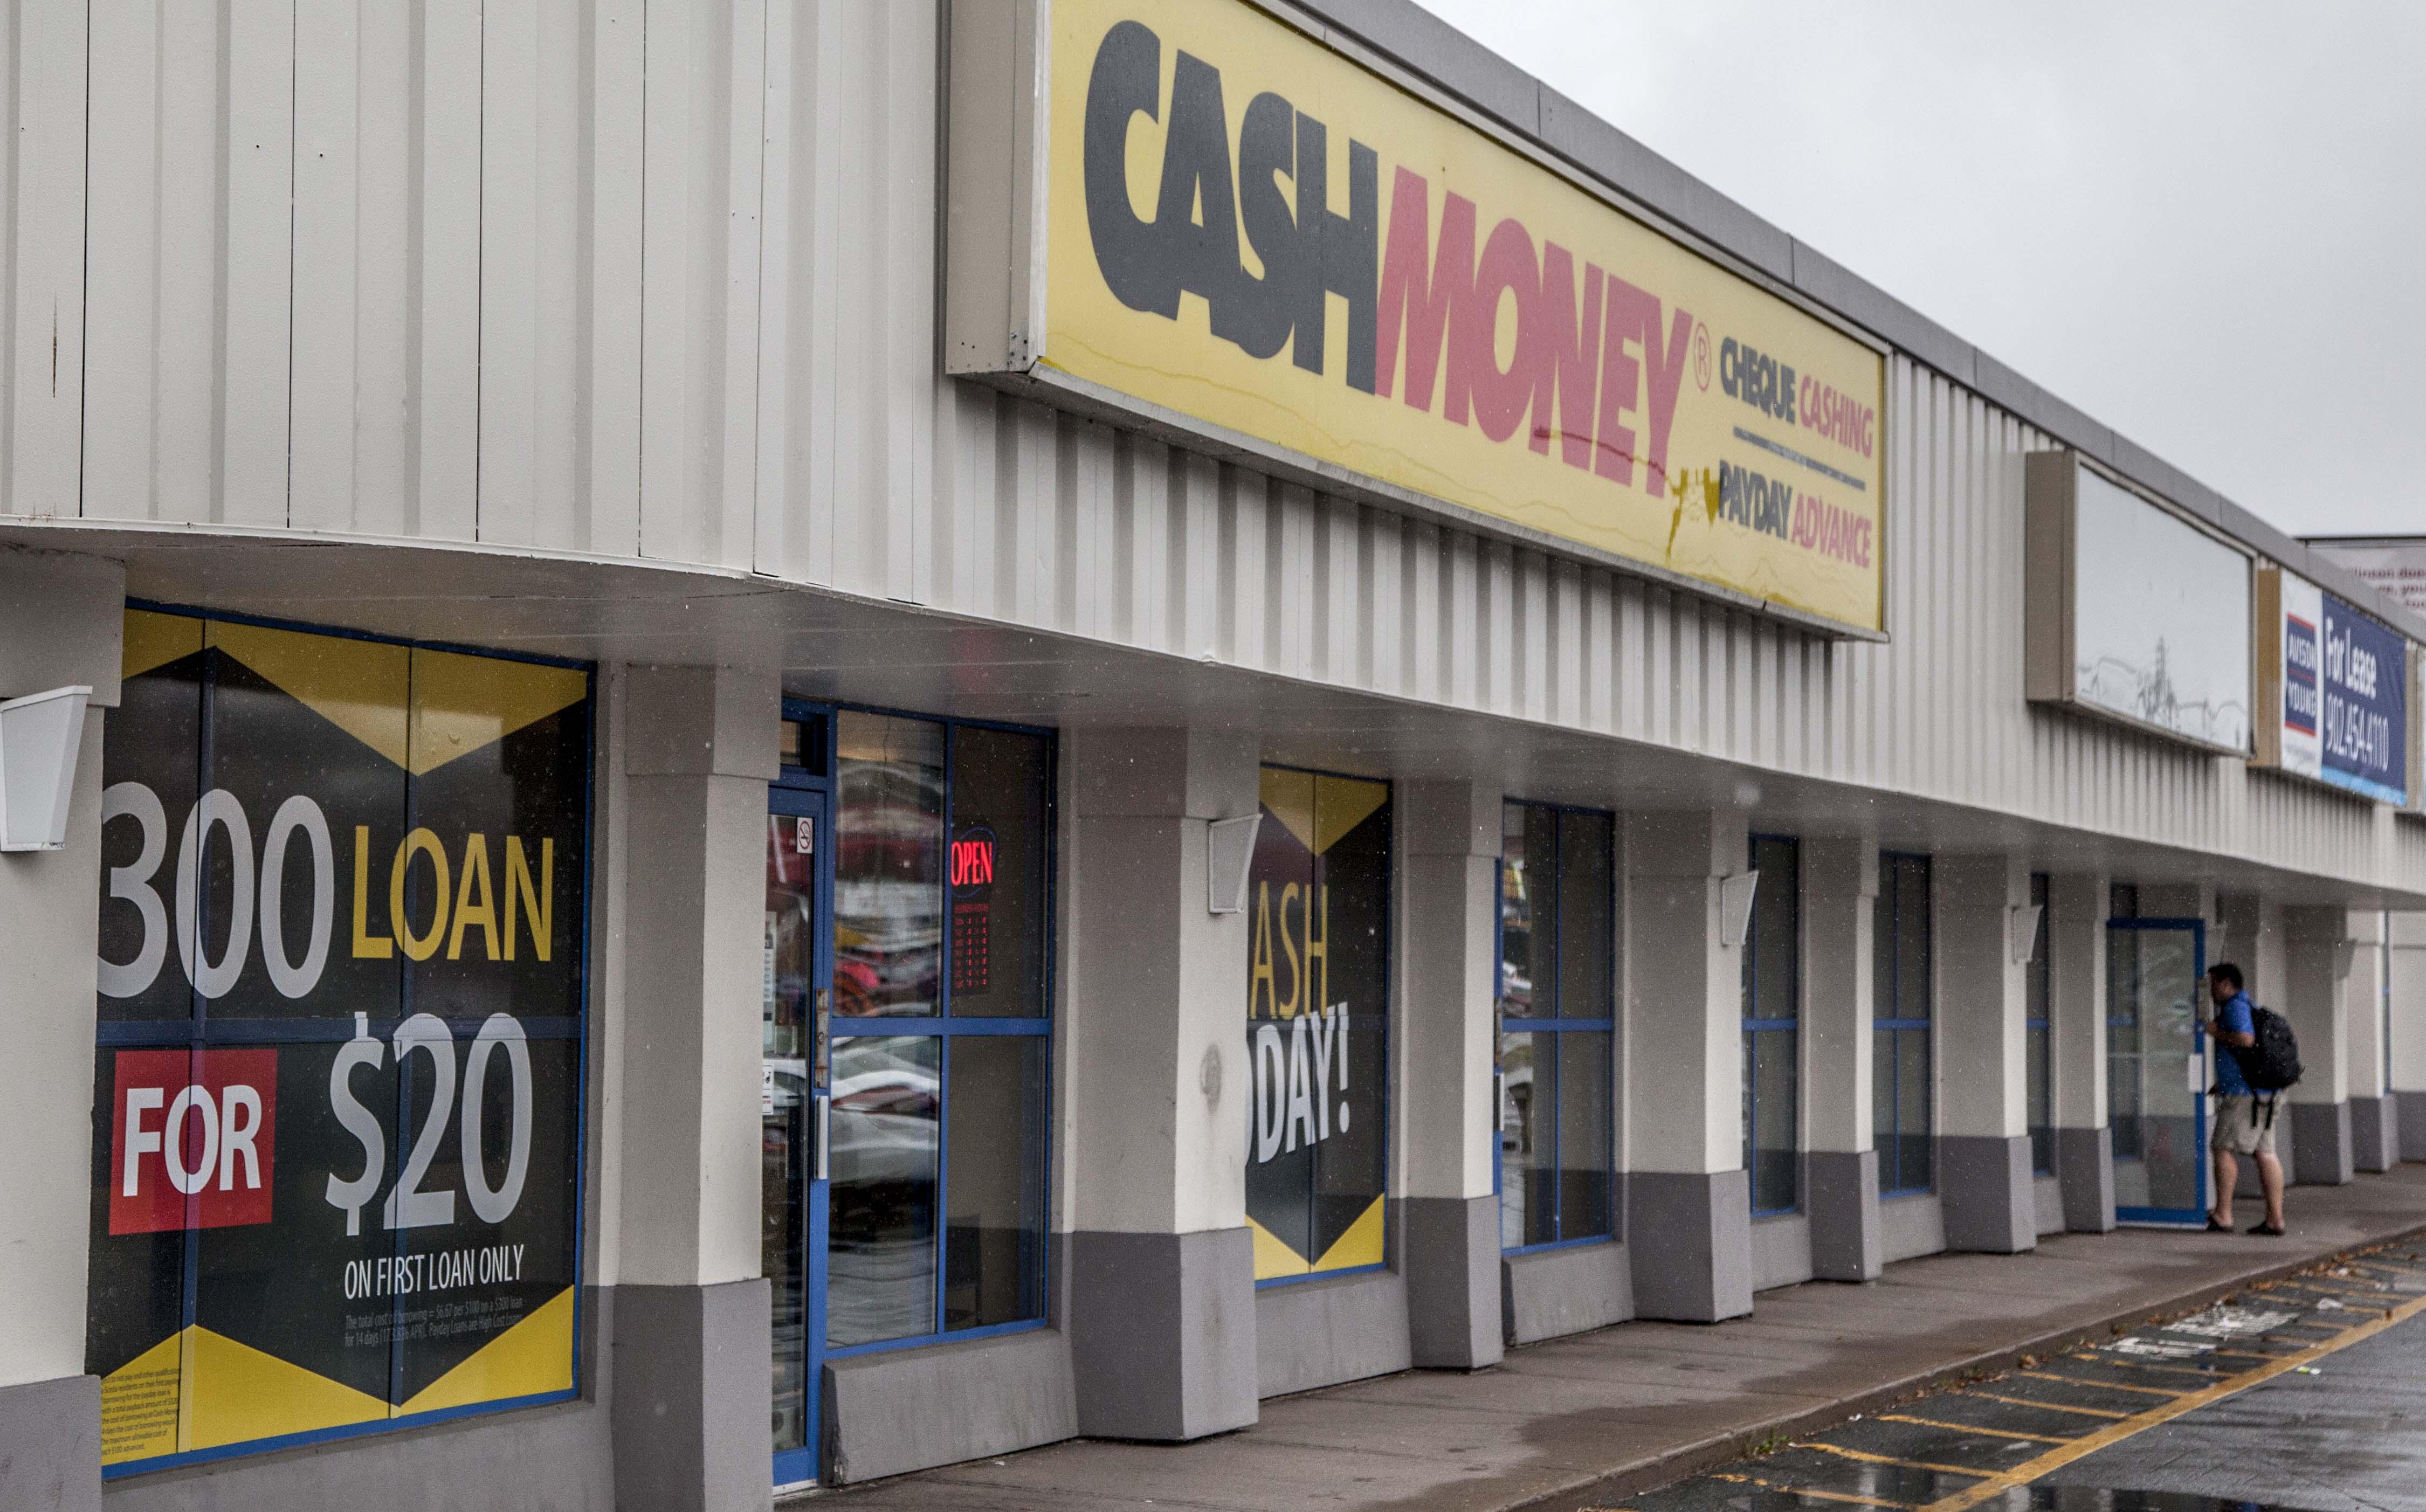 Arlington installment loans